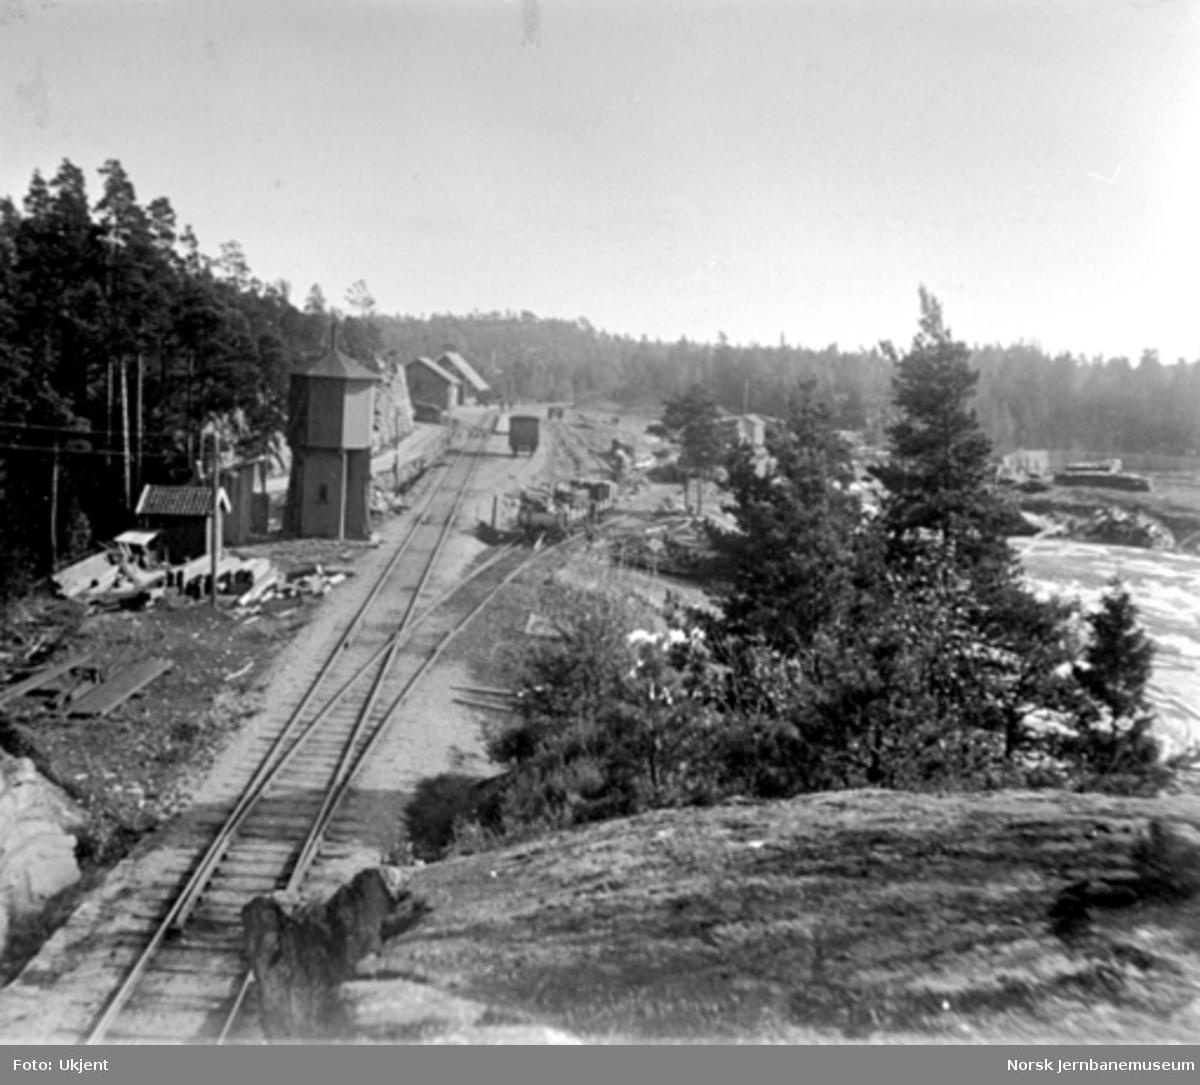 Oversiktsbilde over Kornsjø stasjon